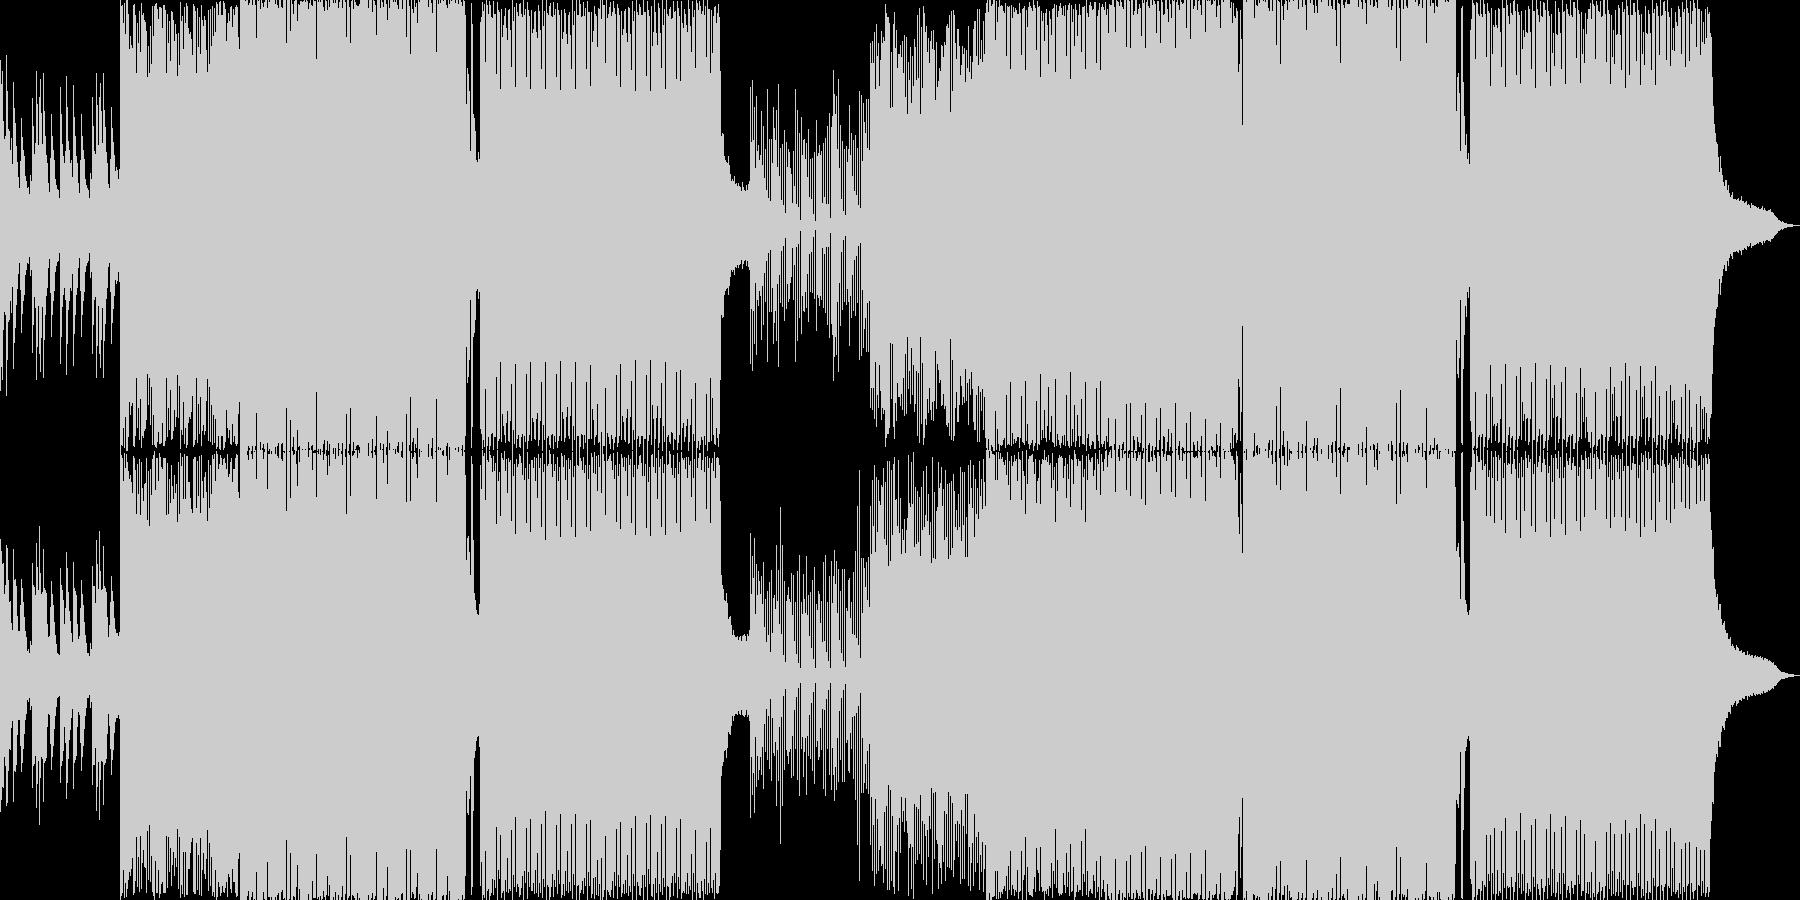 綺麗目なメロディーのピアノとシンセの未再生の波形